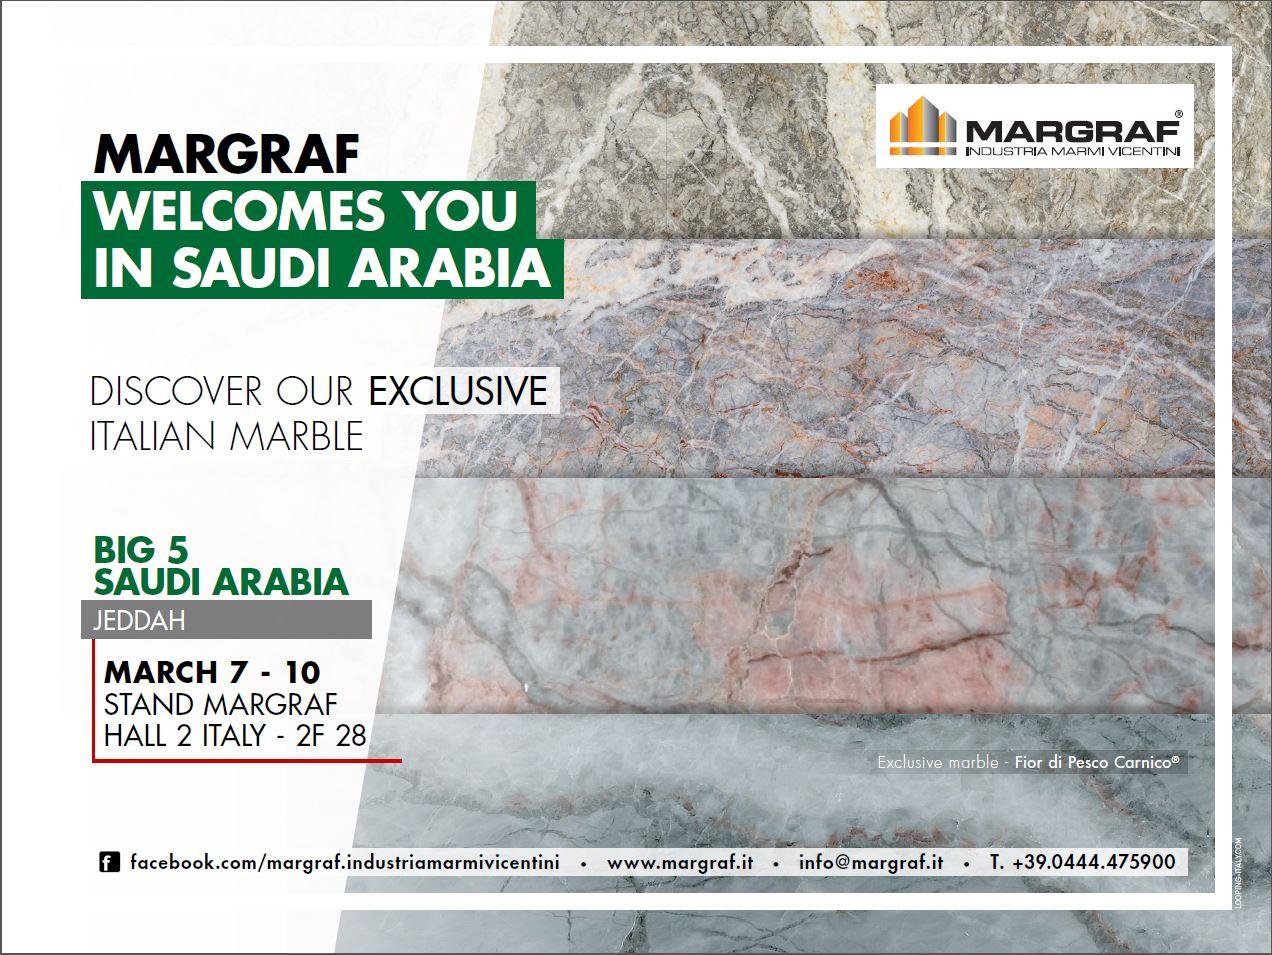 Invitation-Big5-Saudi-Arabia